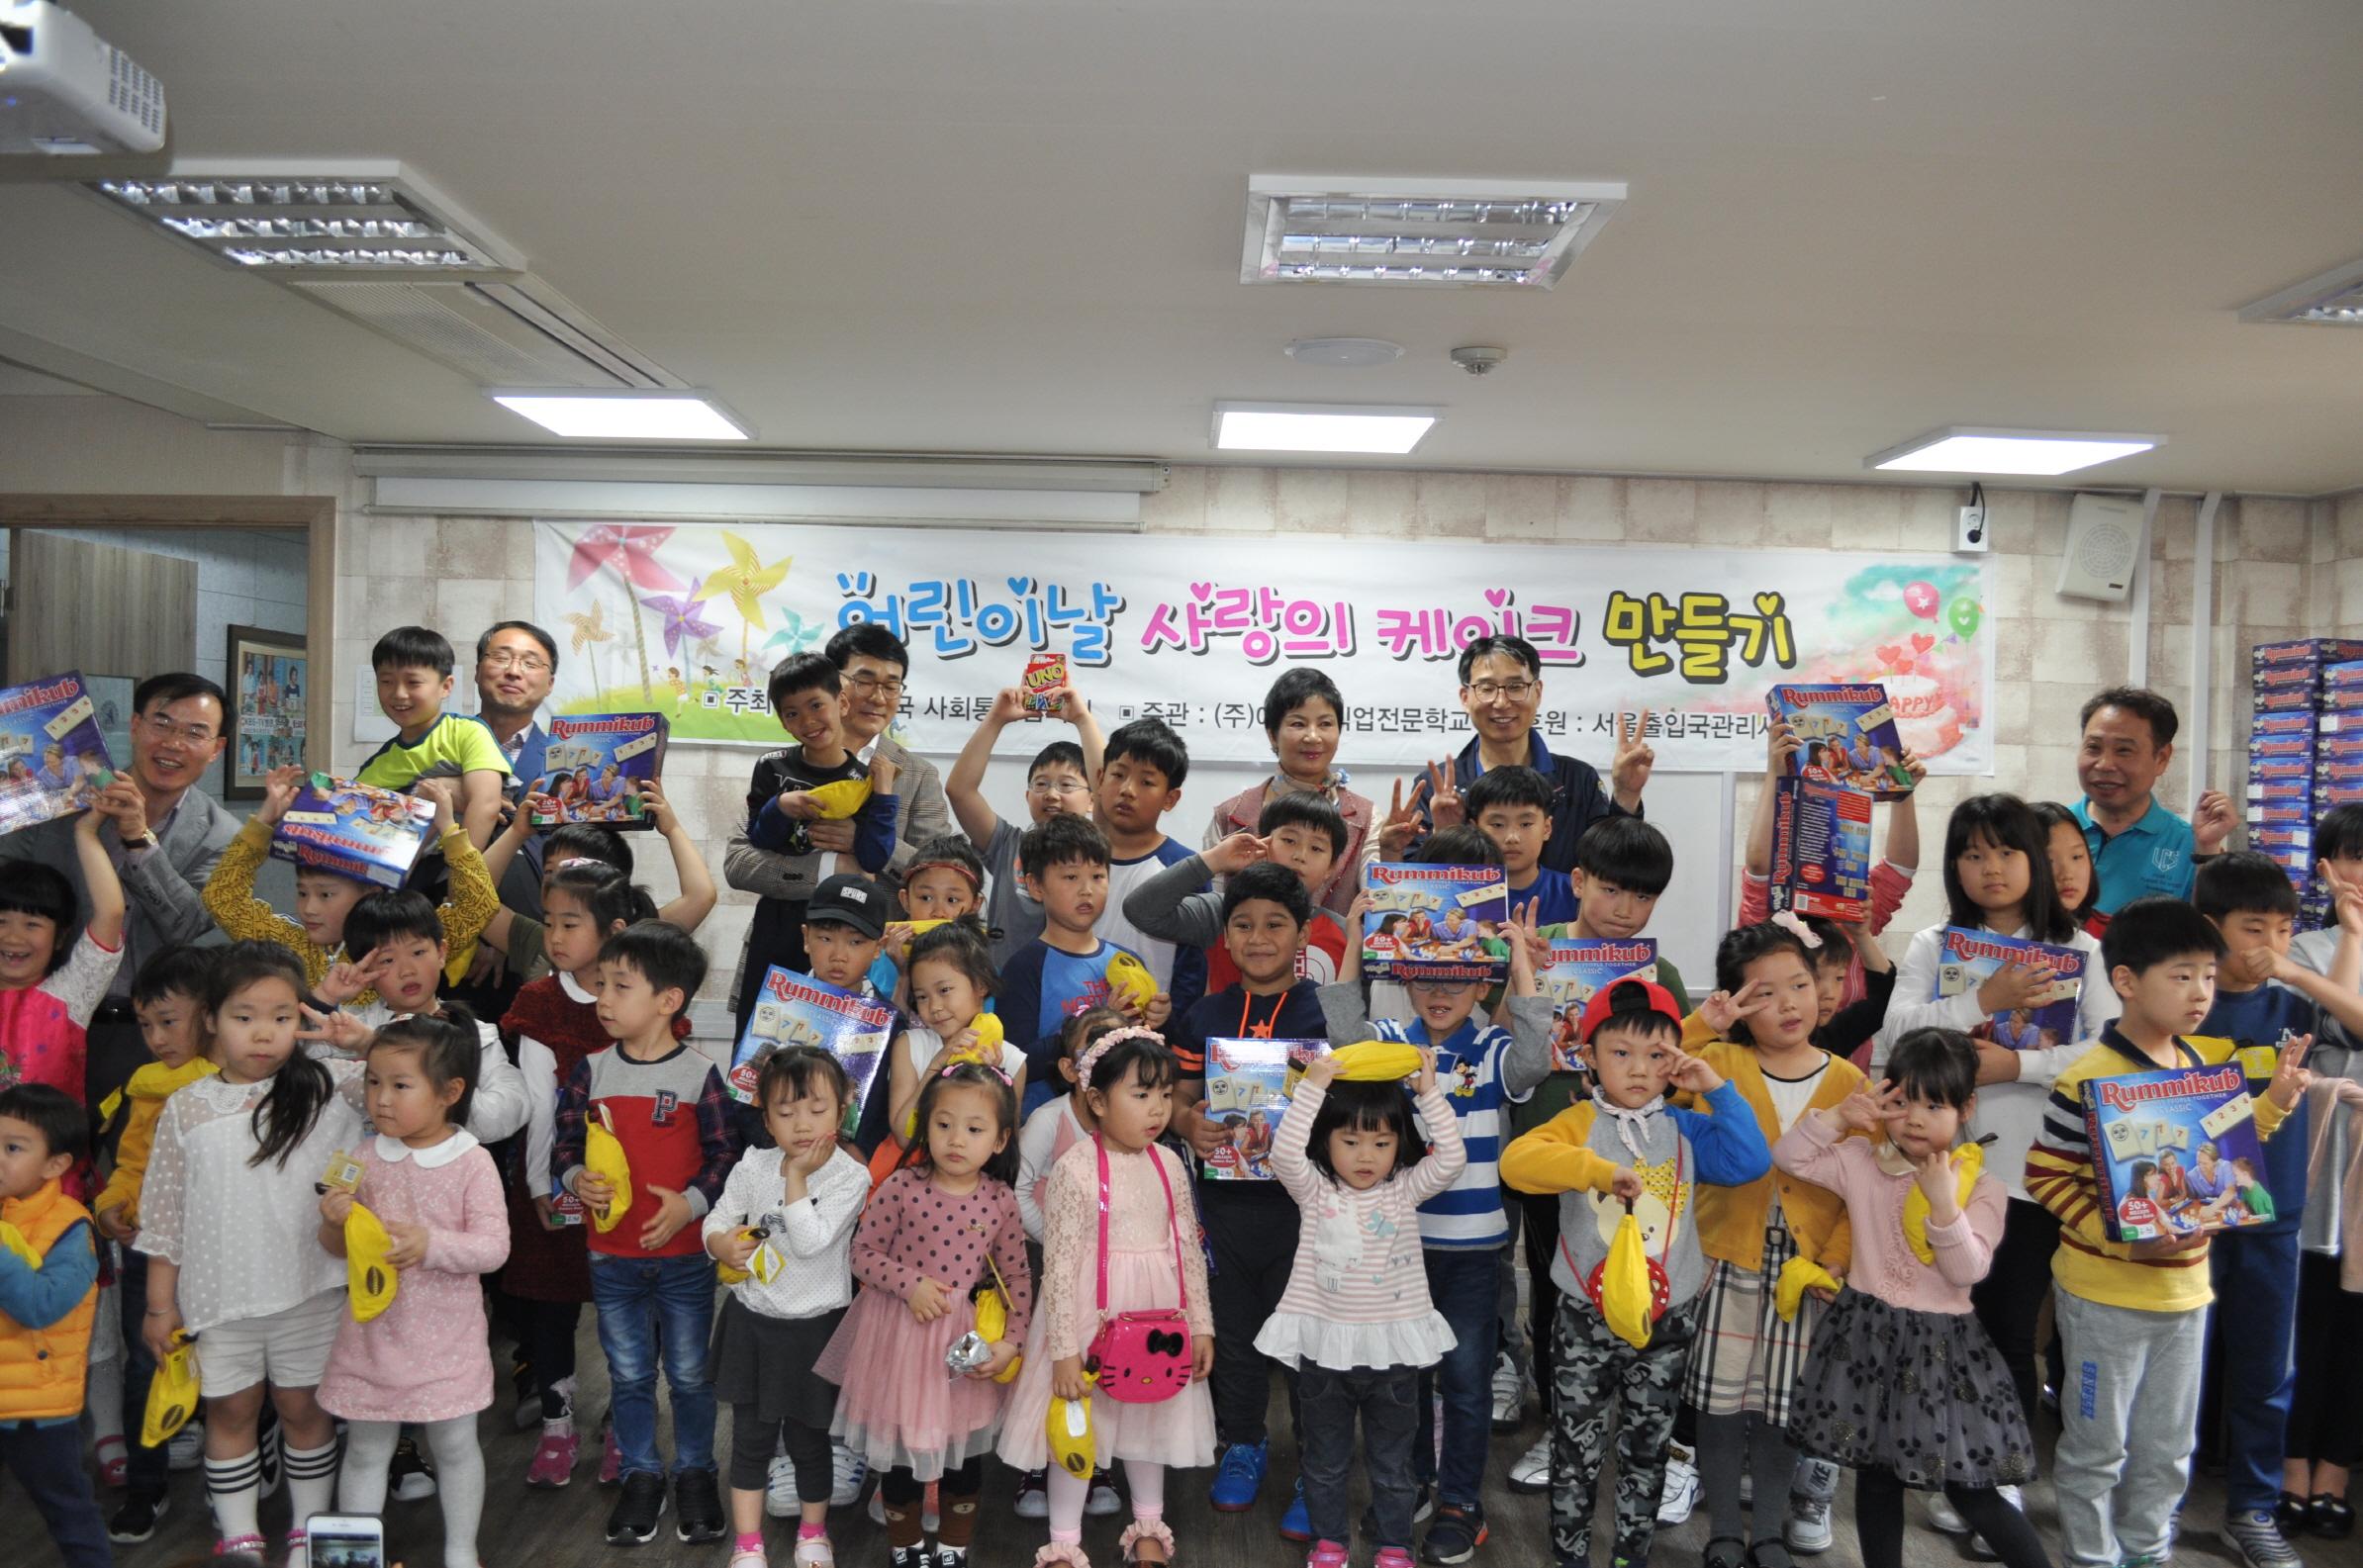 어린이날 사랑의 케이크 만들기 행사 개최(서울출입국) 사진 3